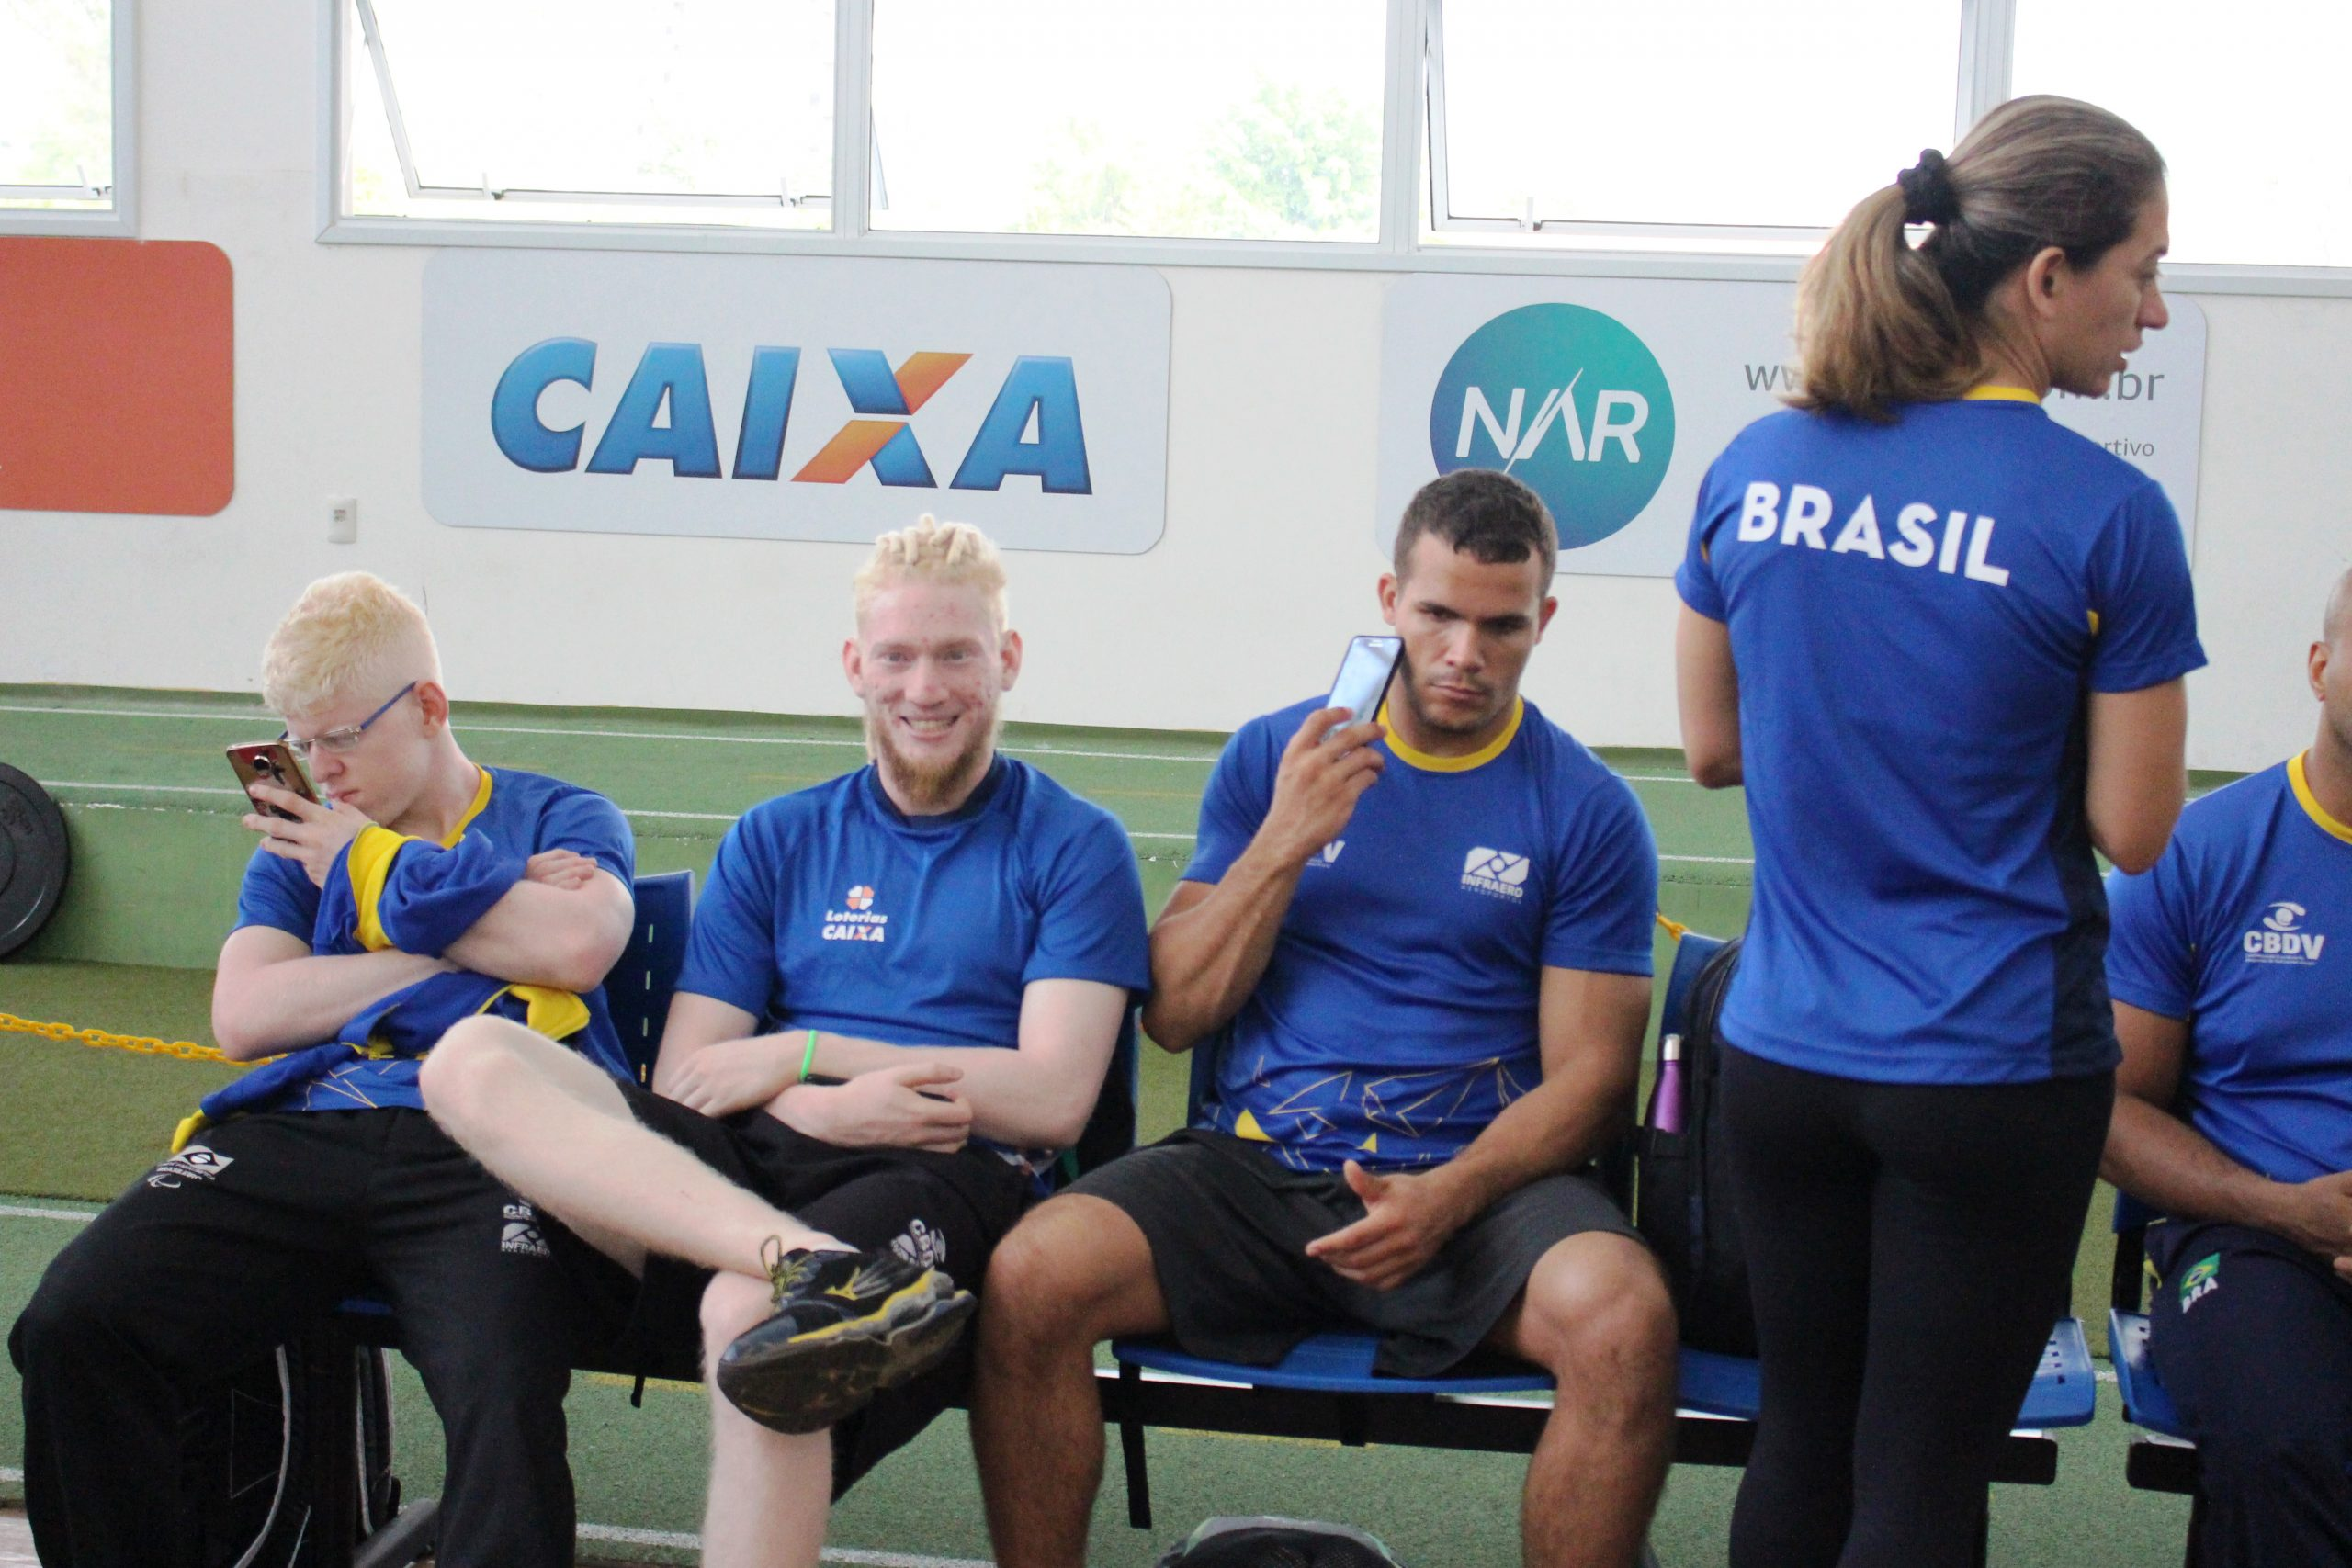 Seleção de judô paralímpico inicia fase de treinamento no NAR